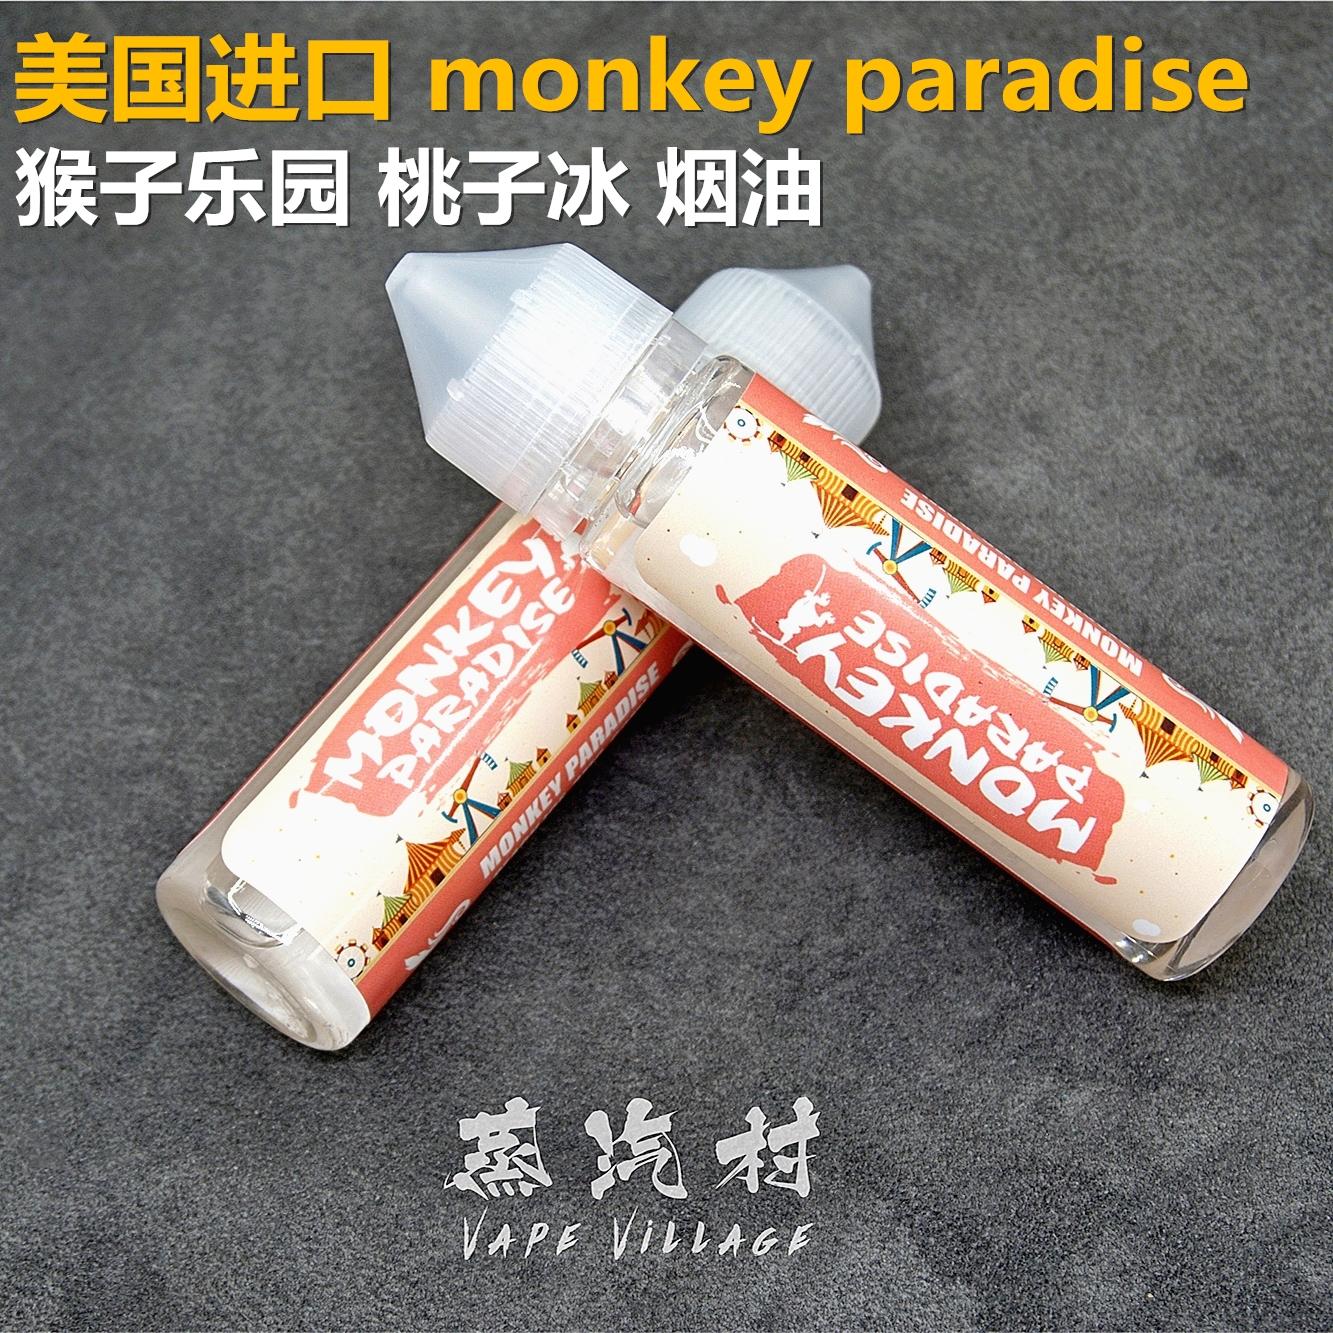 Аутентичные импорт monkeyparadise обезьяна рай персик электронных сигарет пара дыма